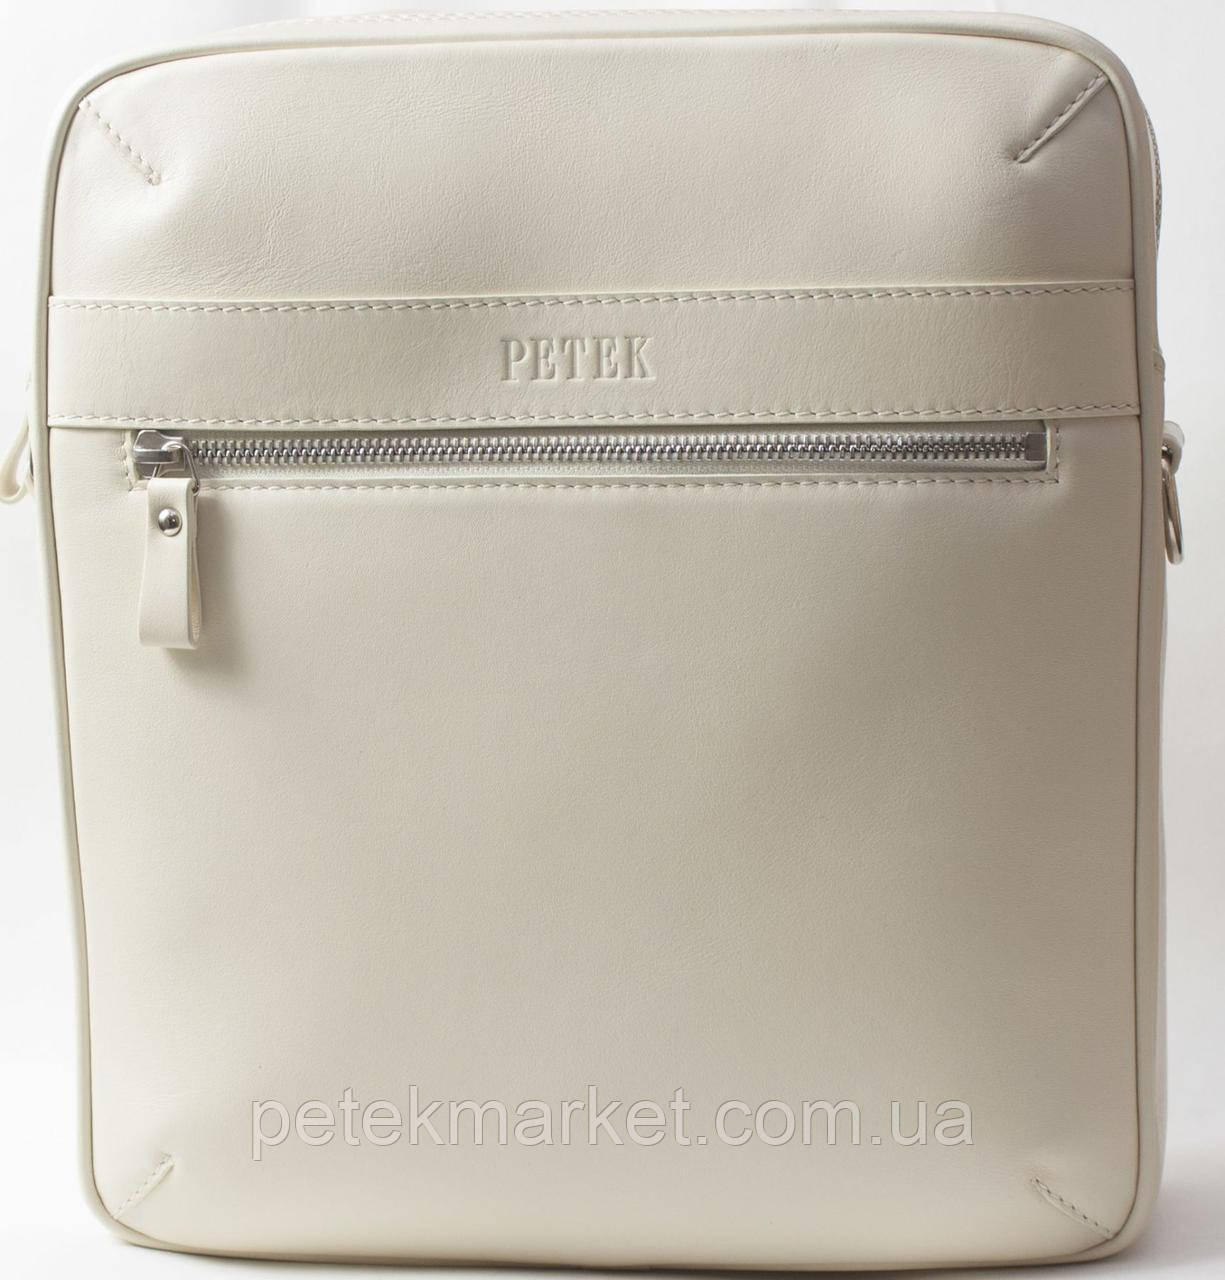 Кожаная мужская сумка Petek 3796